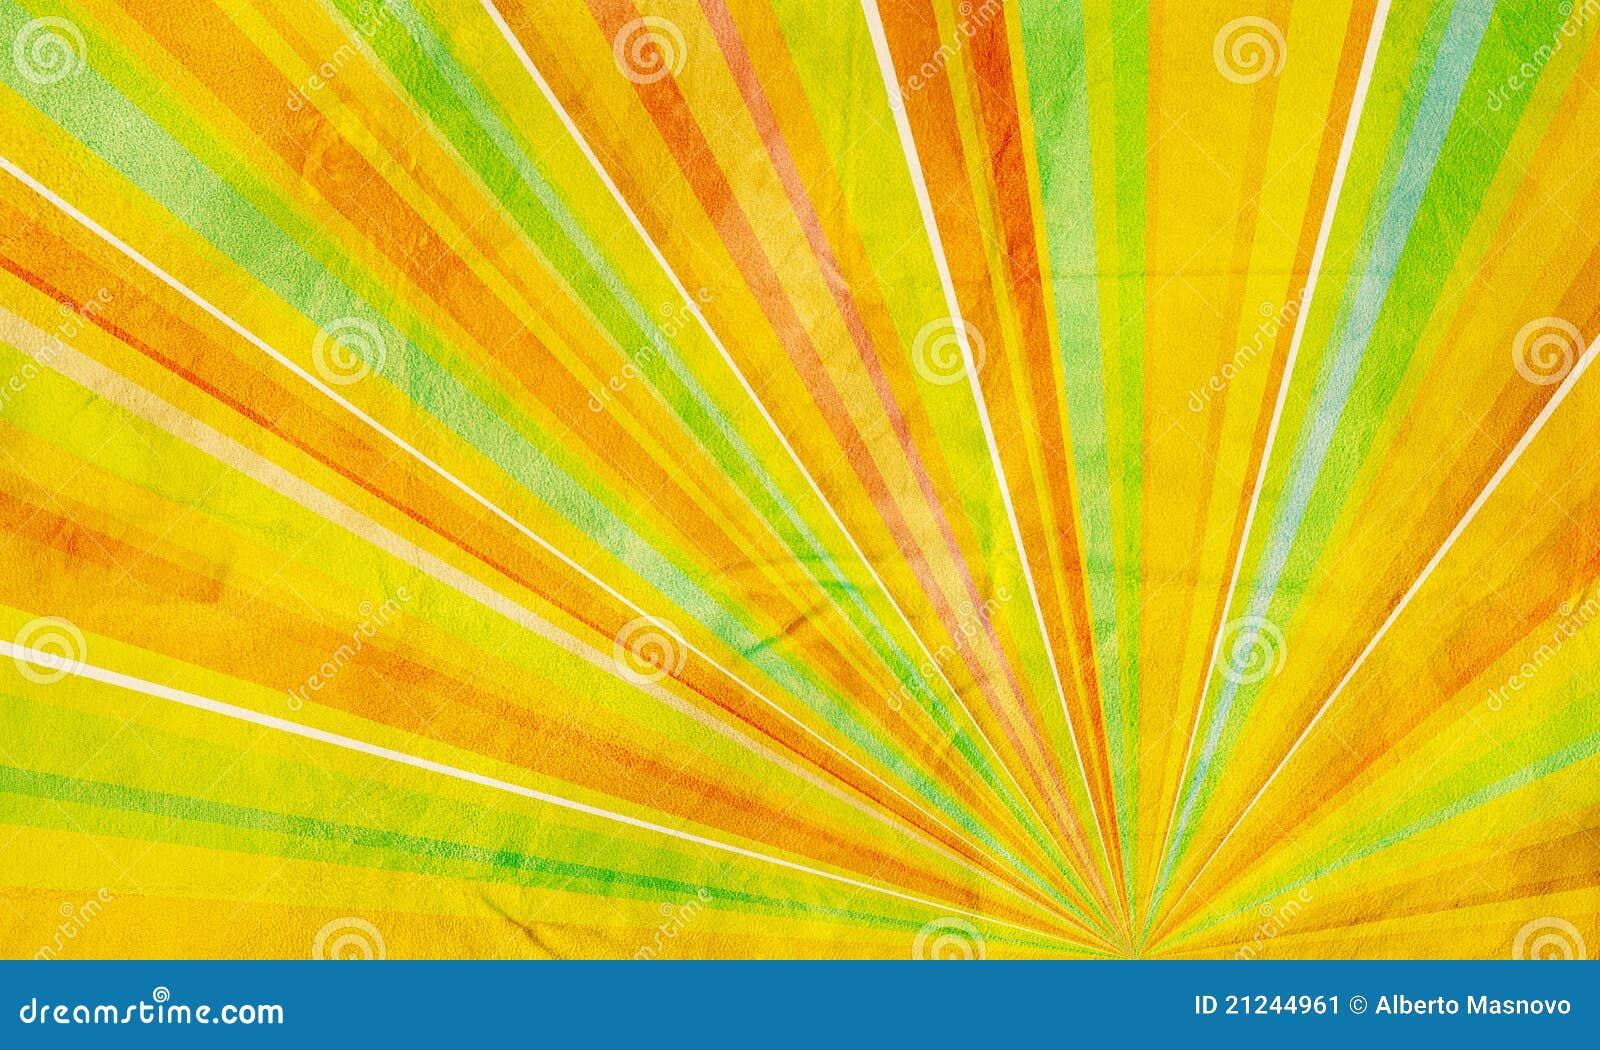 Verde Amarillo-naranja Del Fondo Abstracto Geométrico